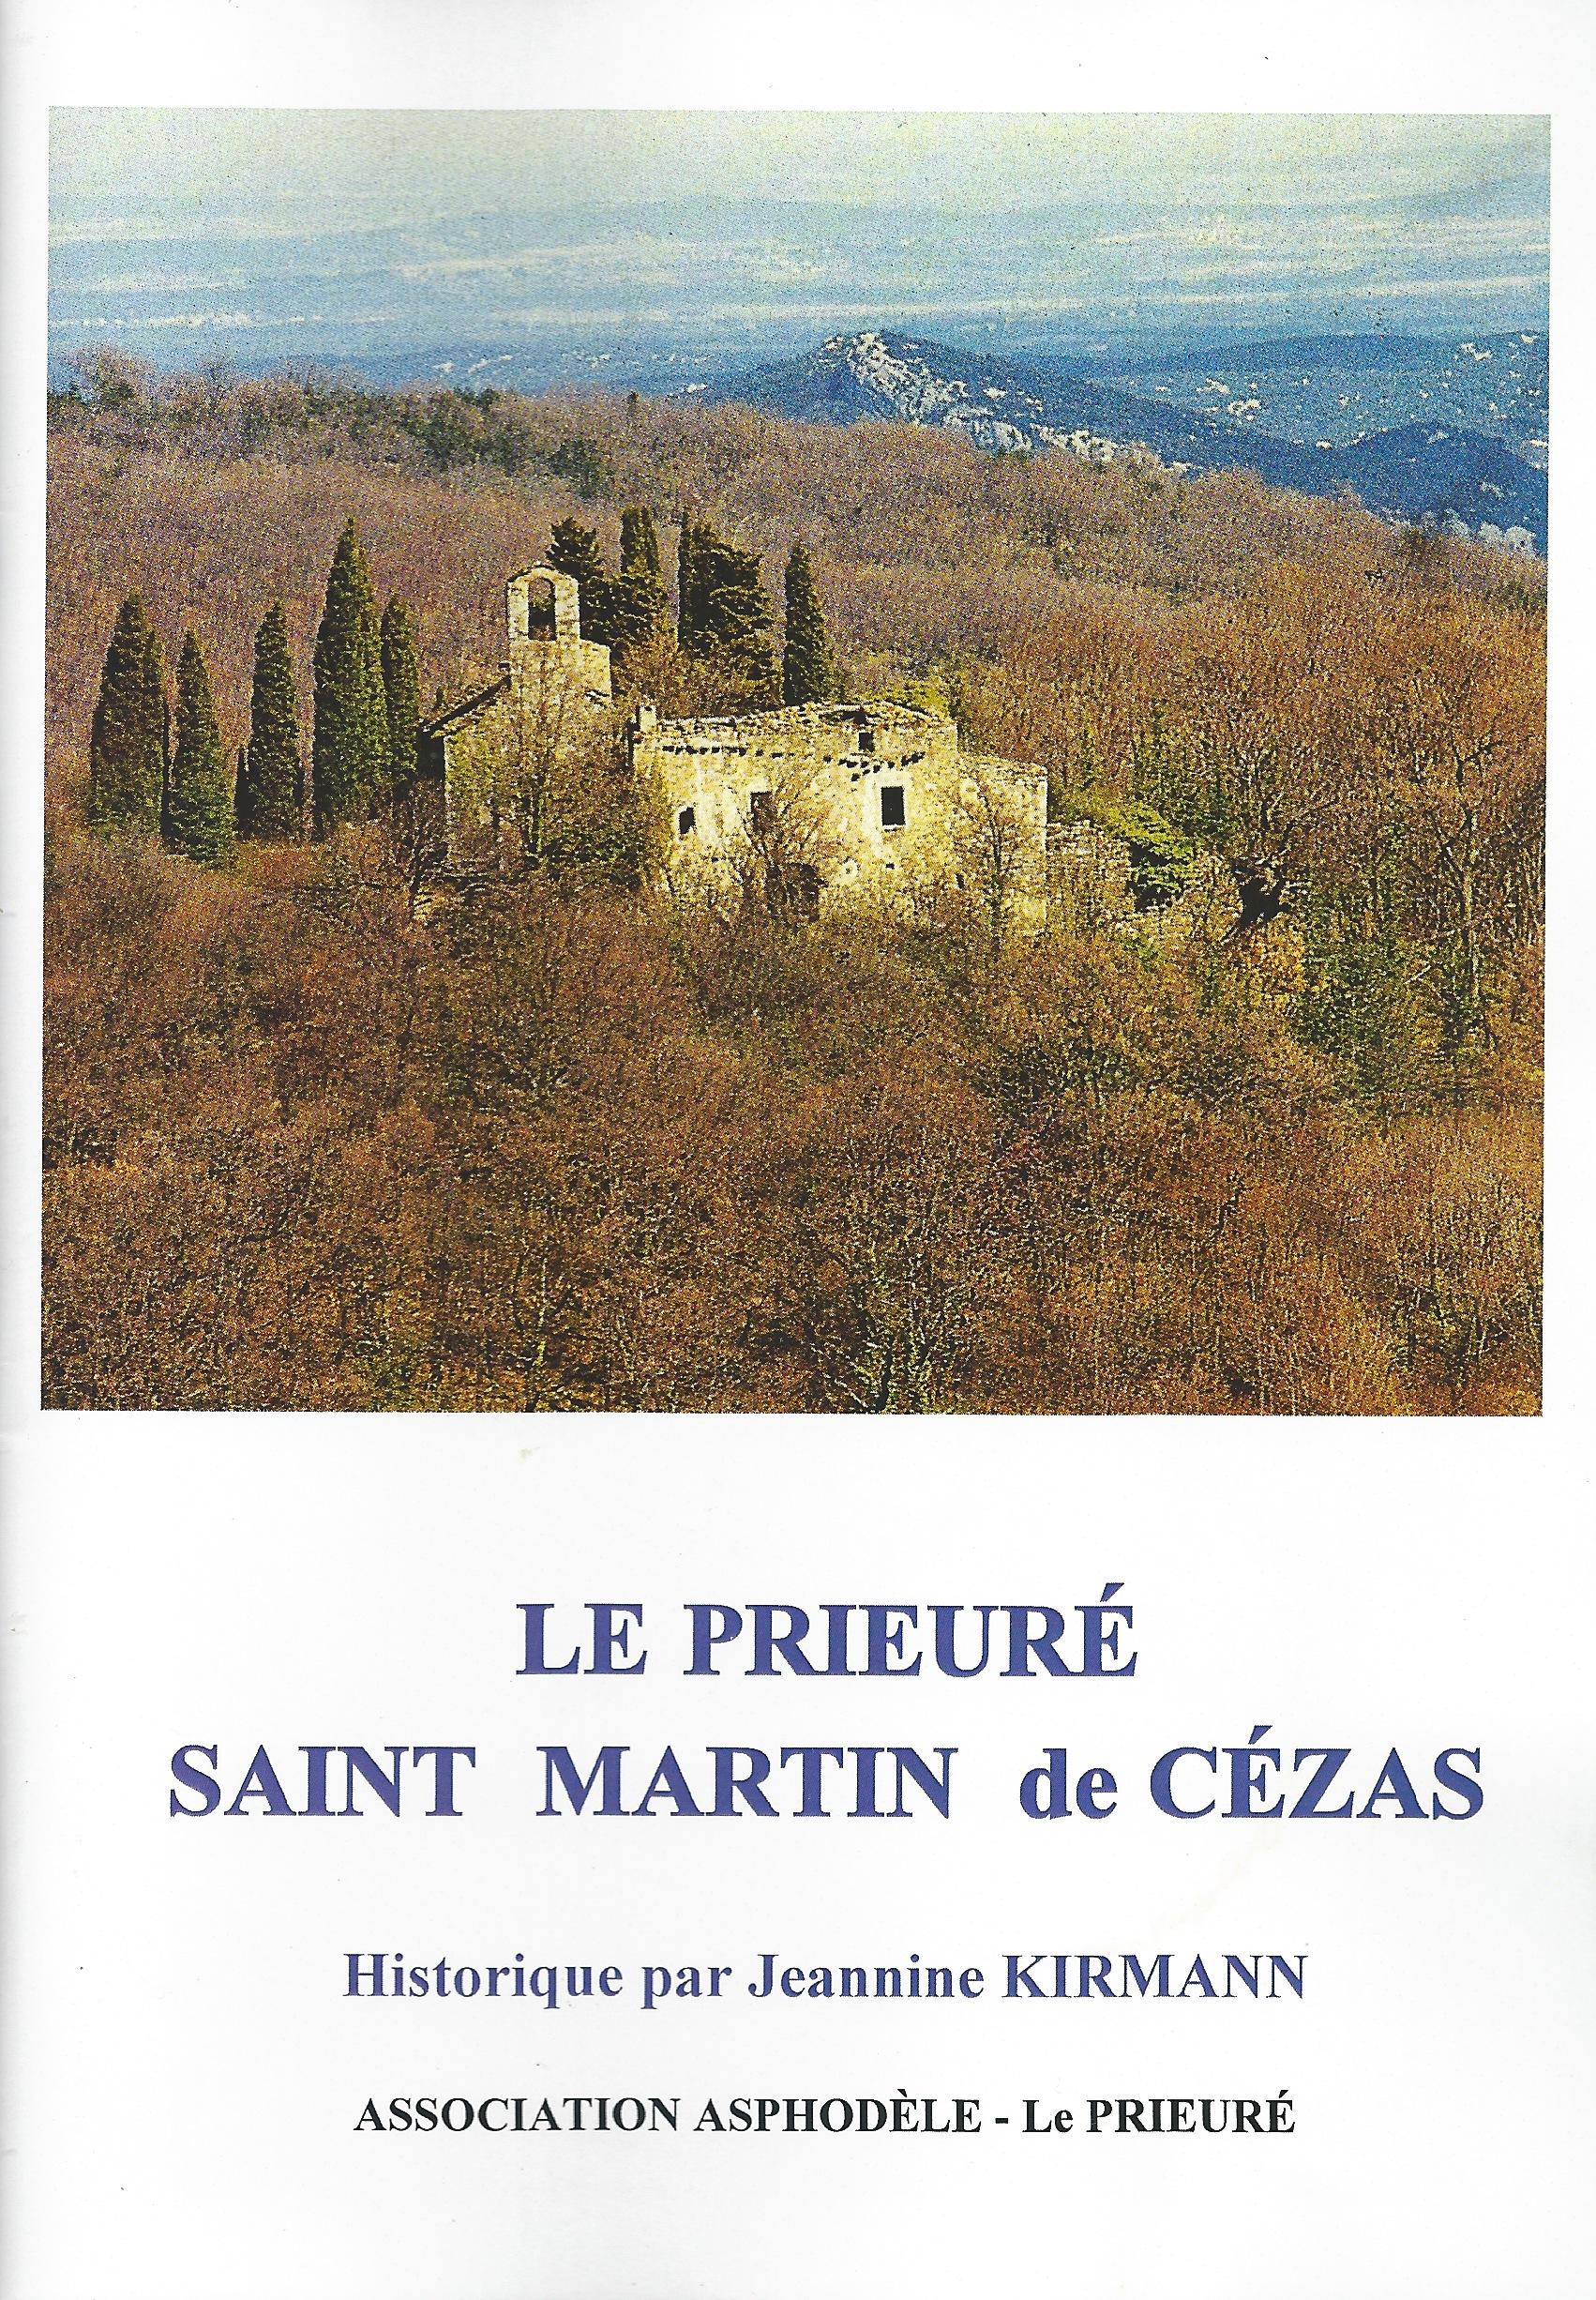 Historique du prieuré de Cézas